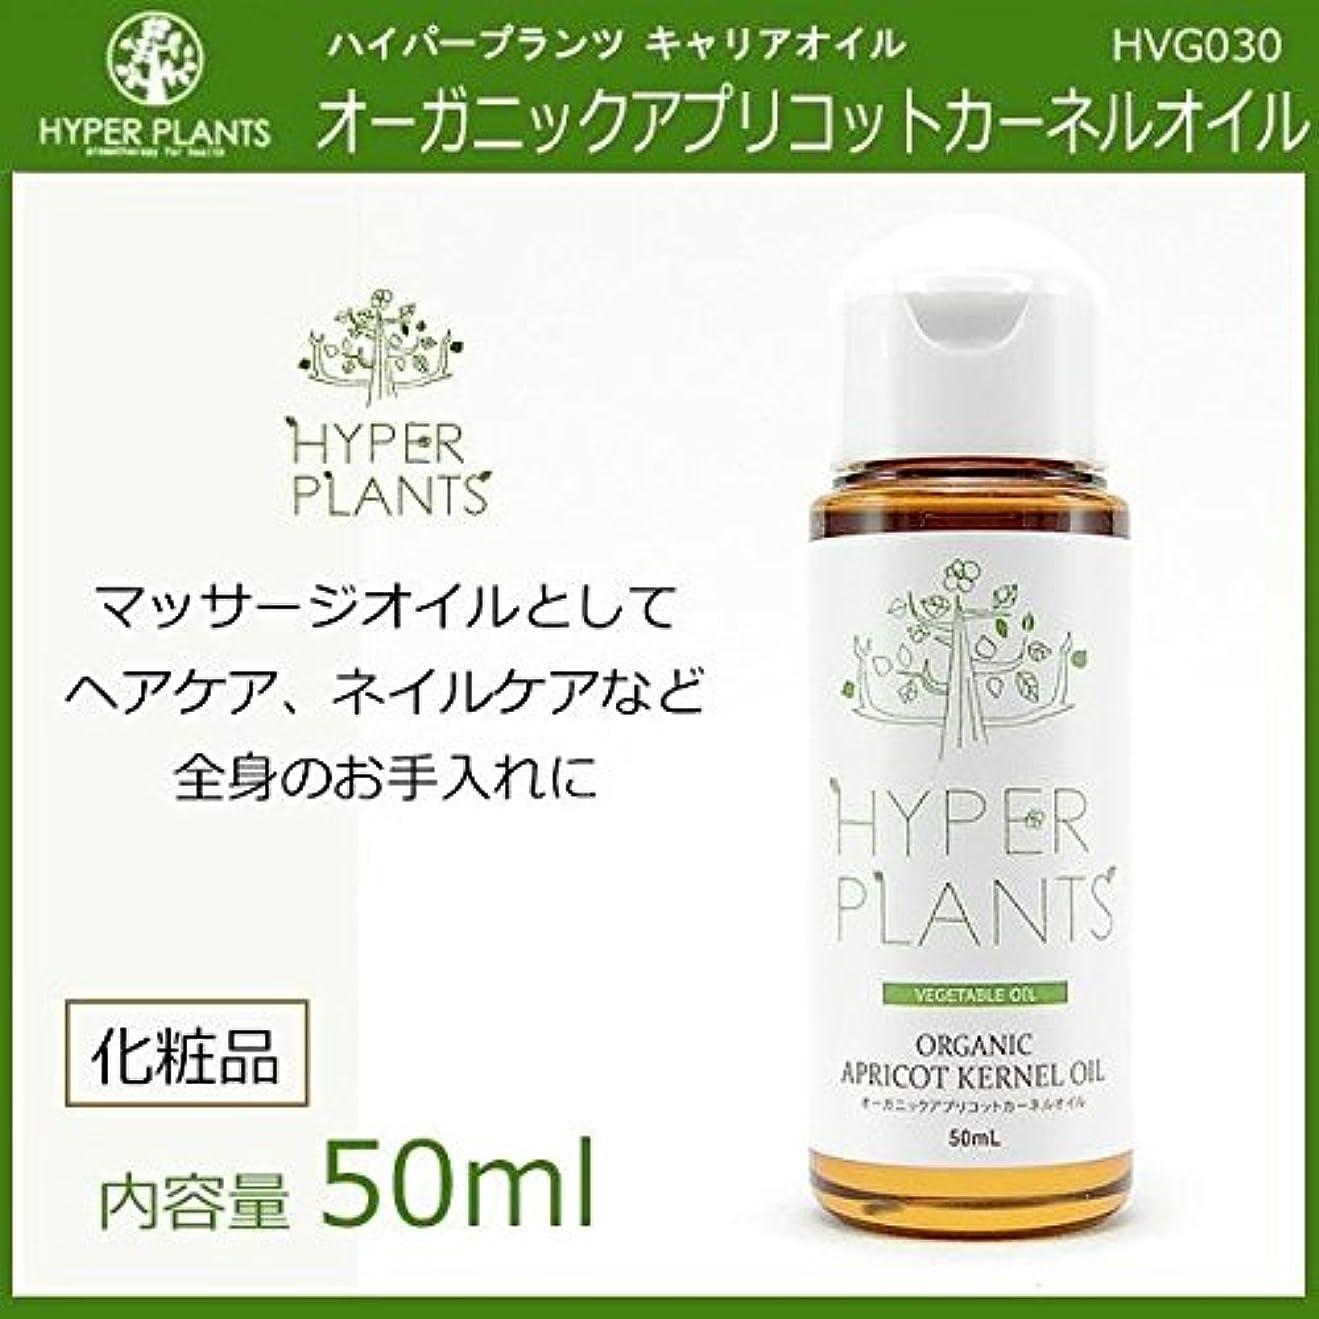 発行するフォルダ物理的にHYPER PLANTS ハイパープランツ キャリアオイル オーガニックアプリコットカーネルオイル 50ml HVG030